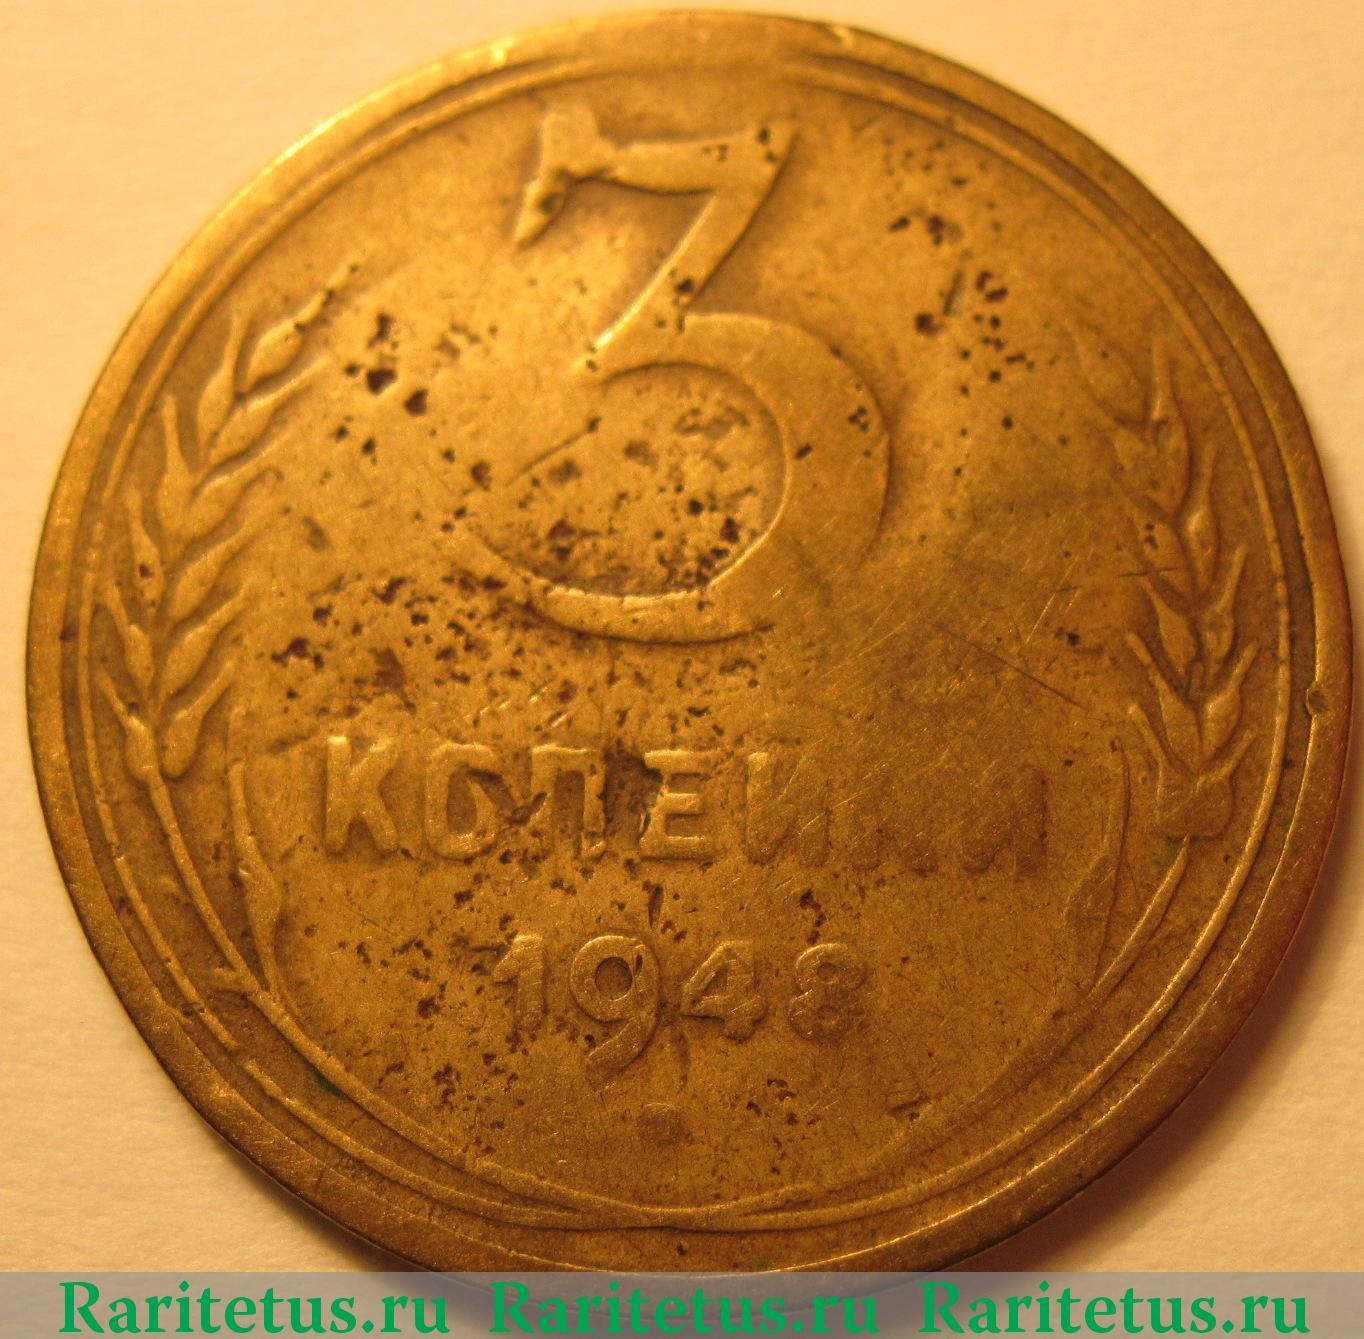 Подробнее о таких монетах читайте в статье